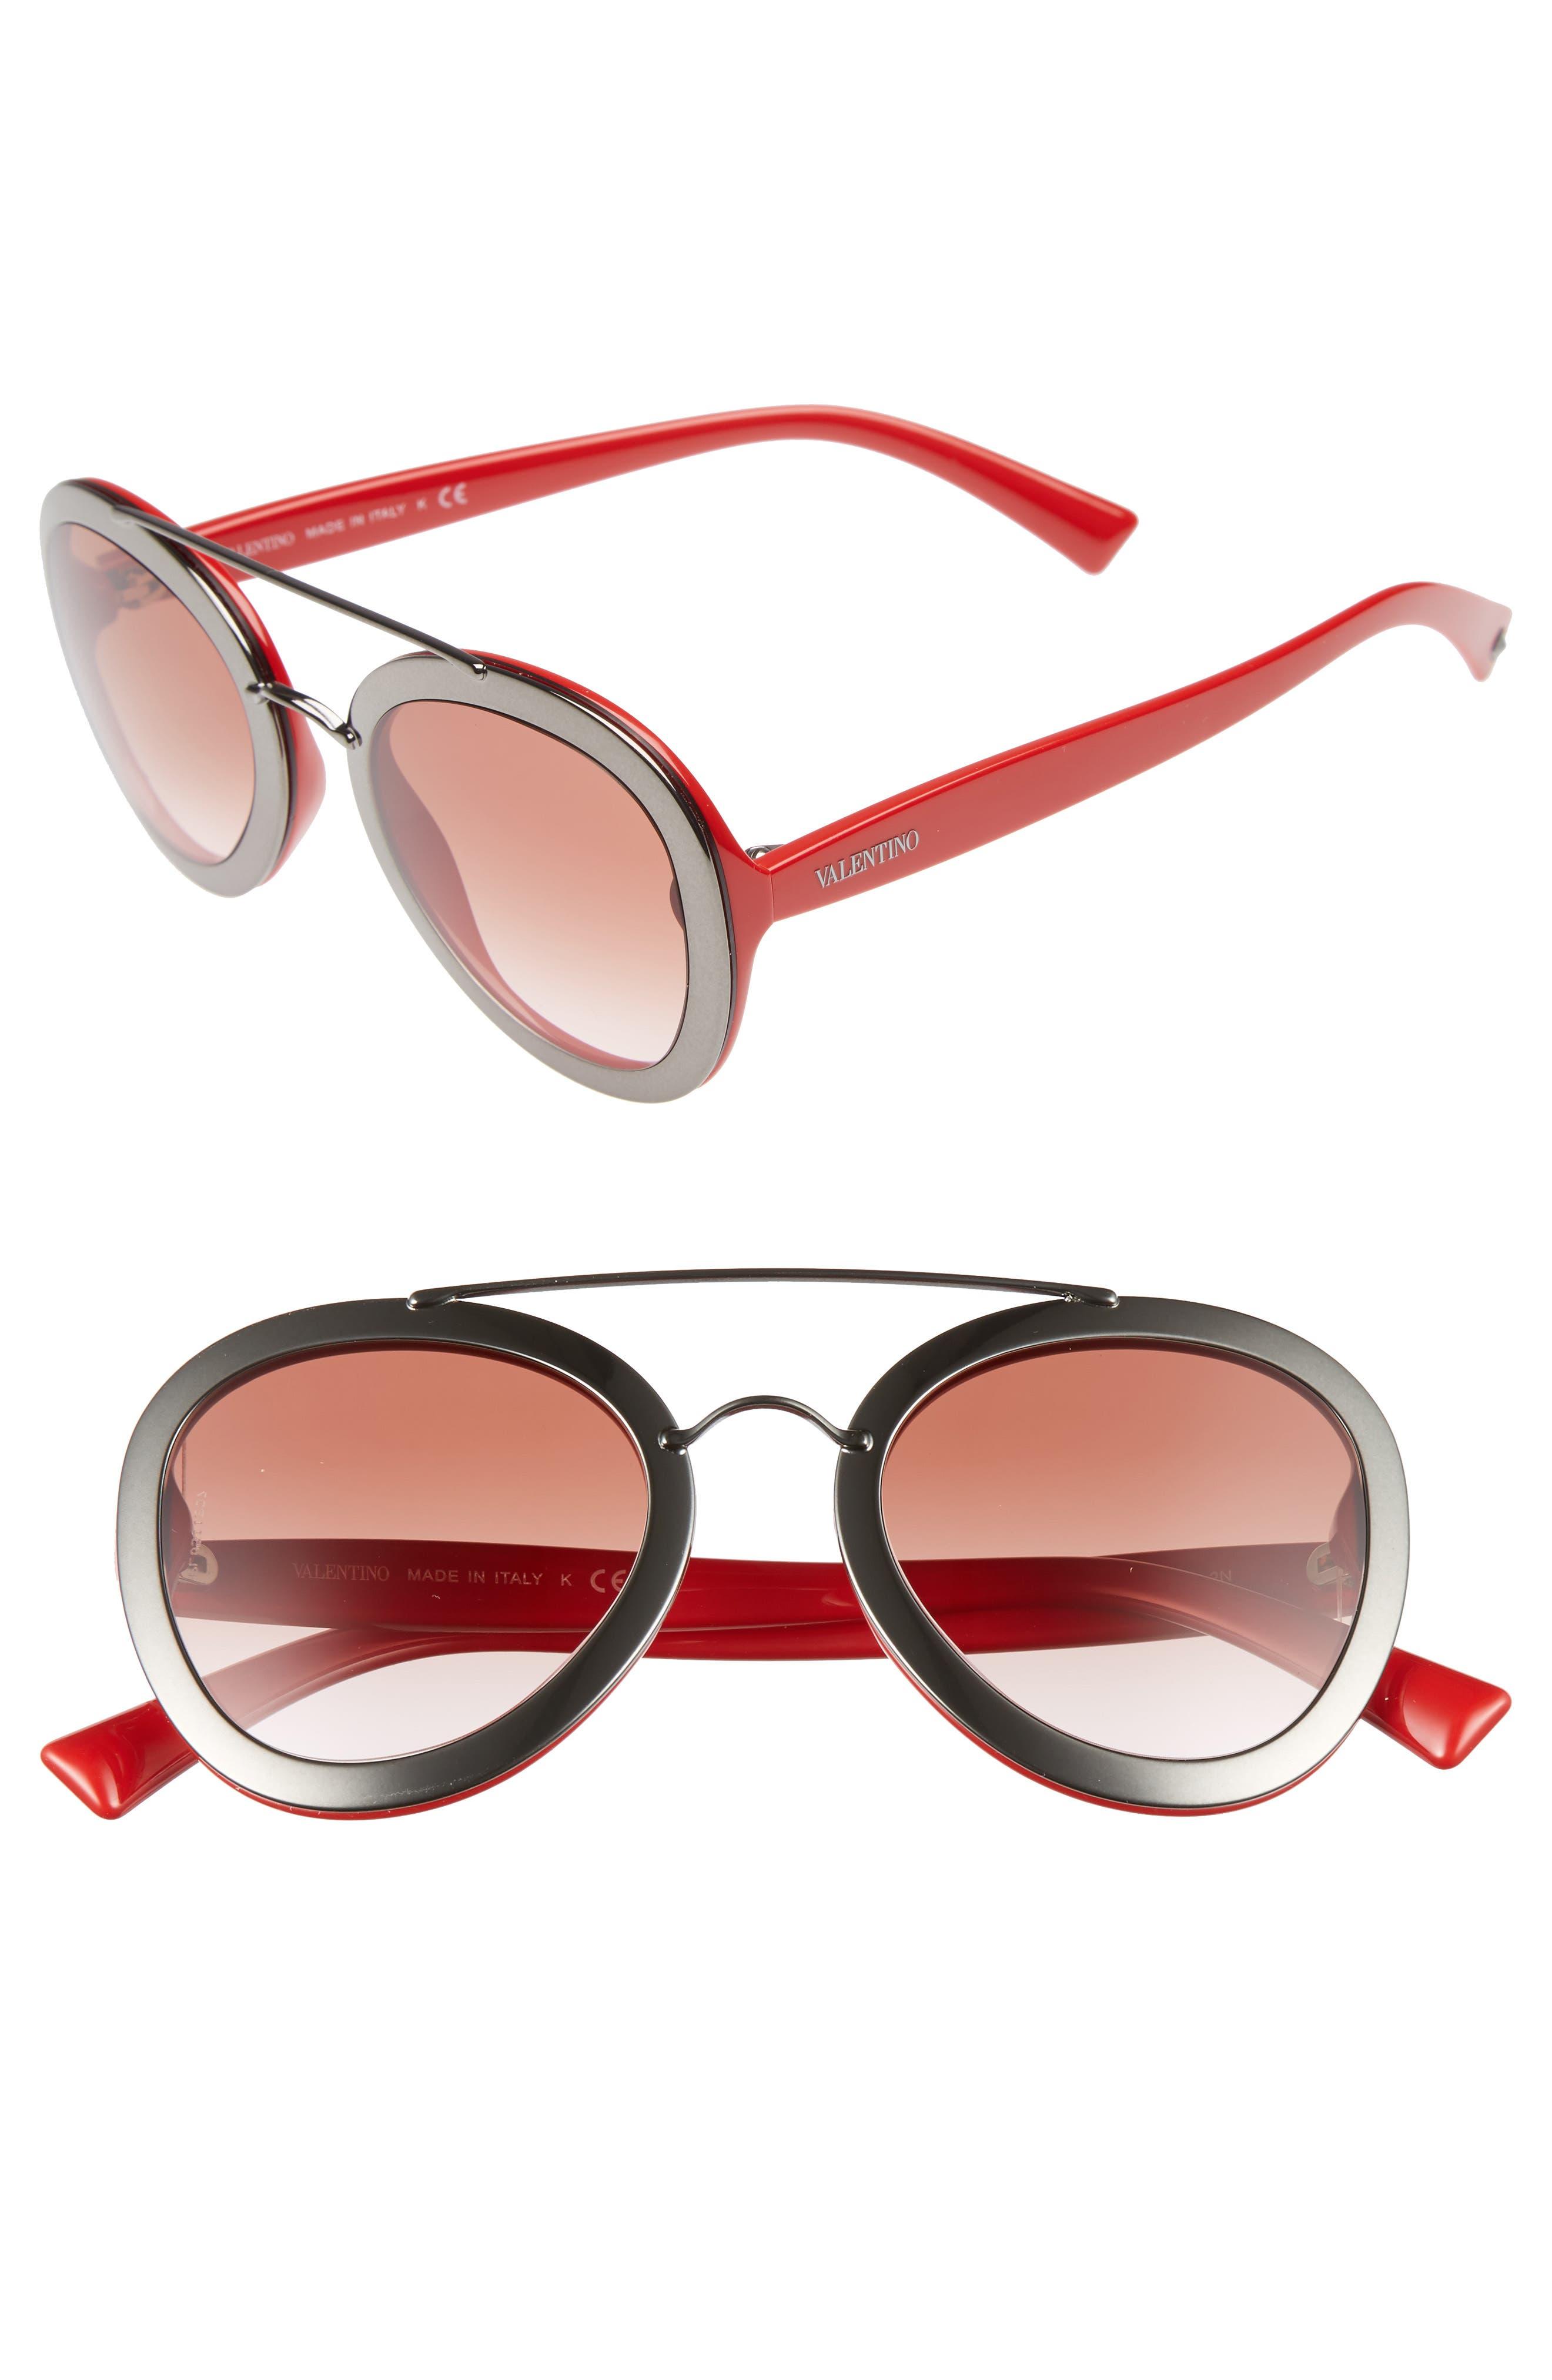 VALENTINO GARAVANI Valentino 58mm Round Sunglasses